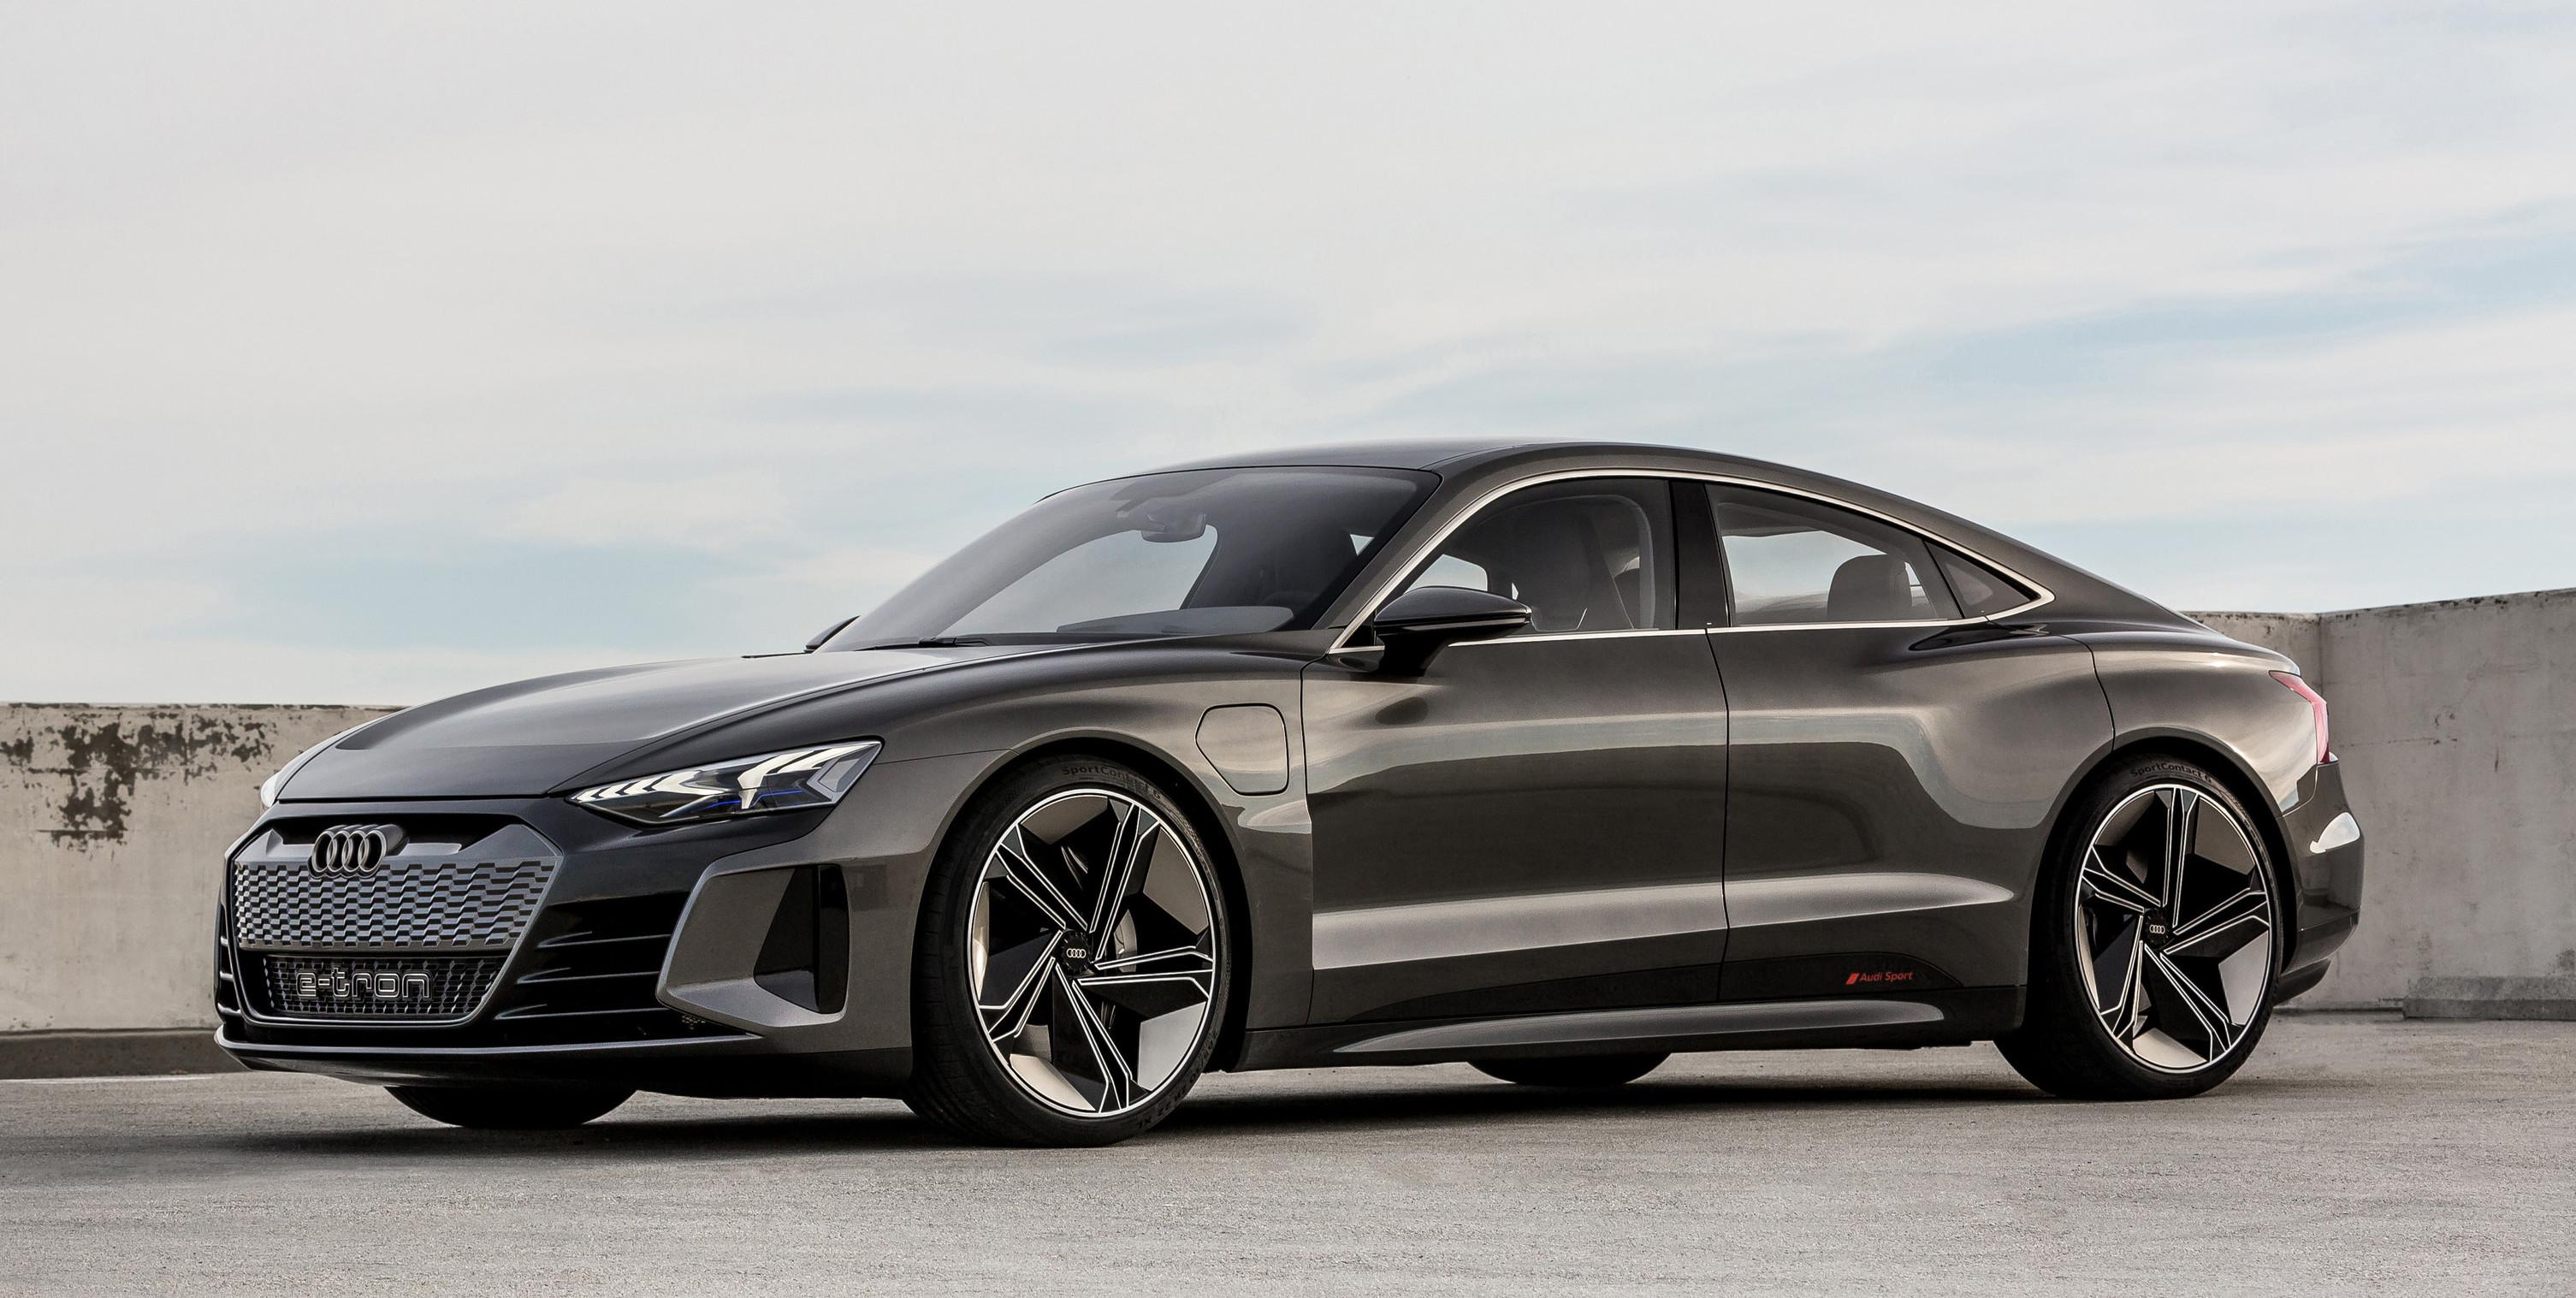 The Audi e-tron GT concept, a low-slung coupe similar to Audi's A7.